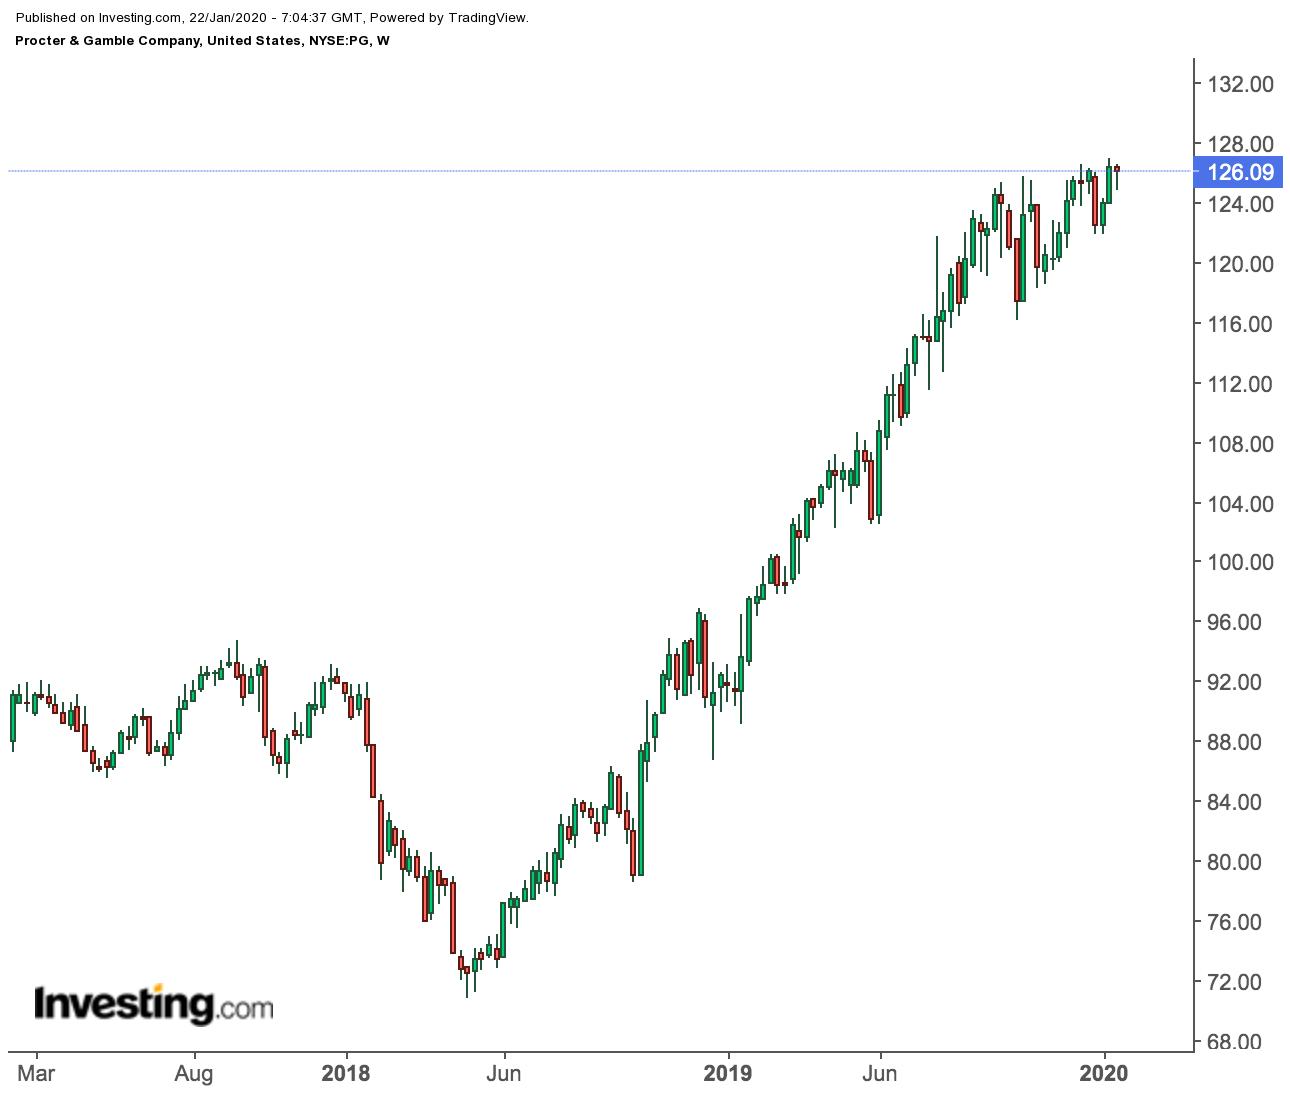 Прогноз по P&G: в центре внимания – рост продаж